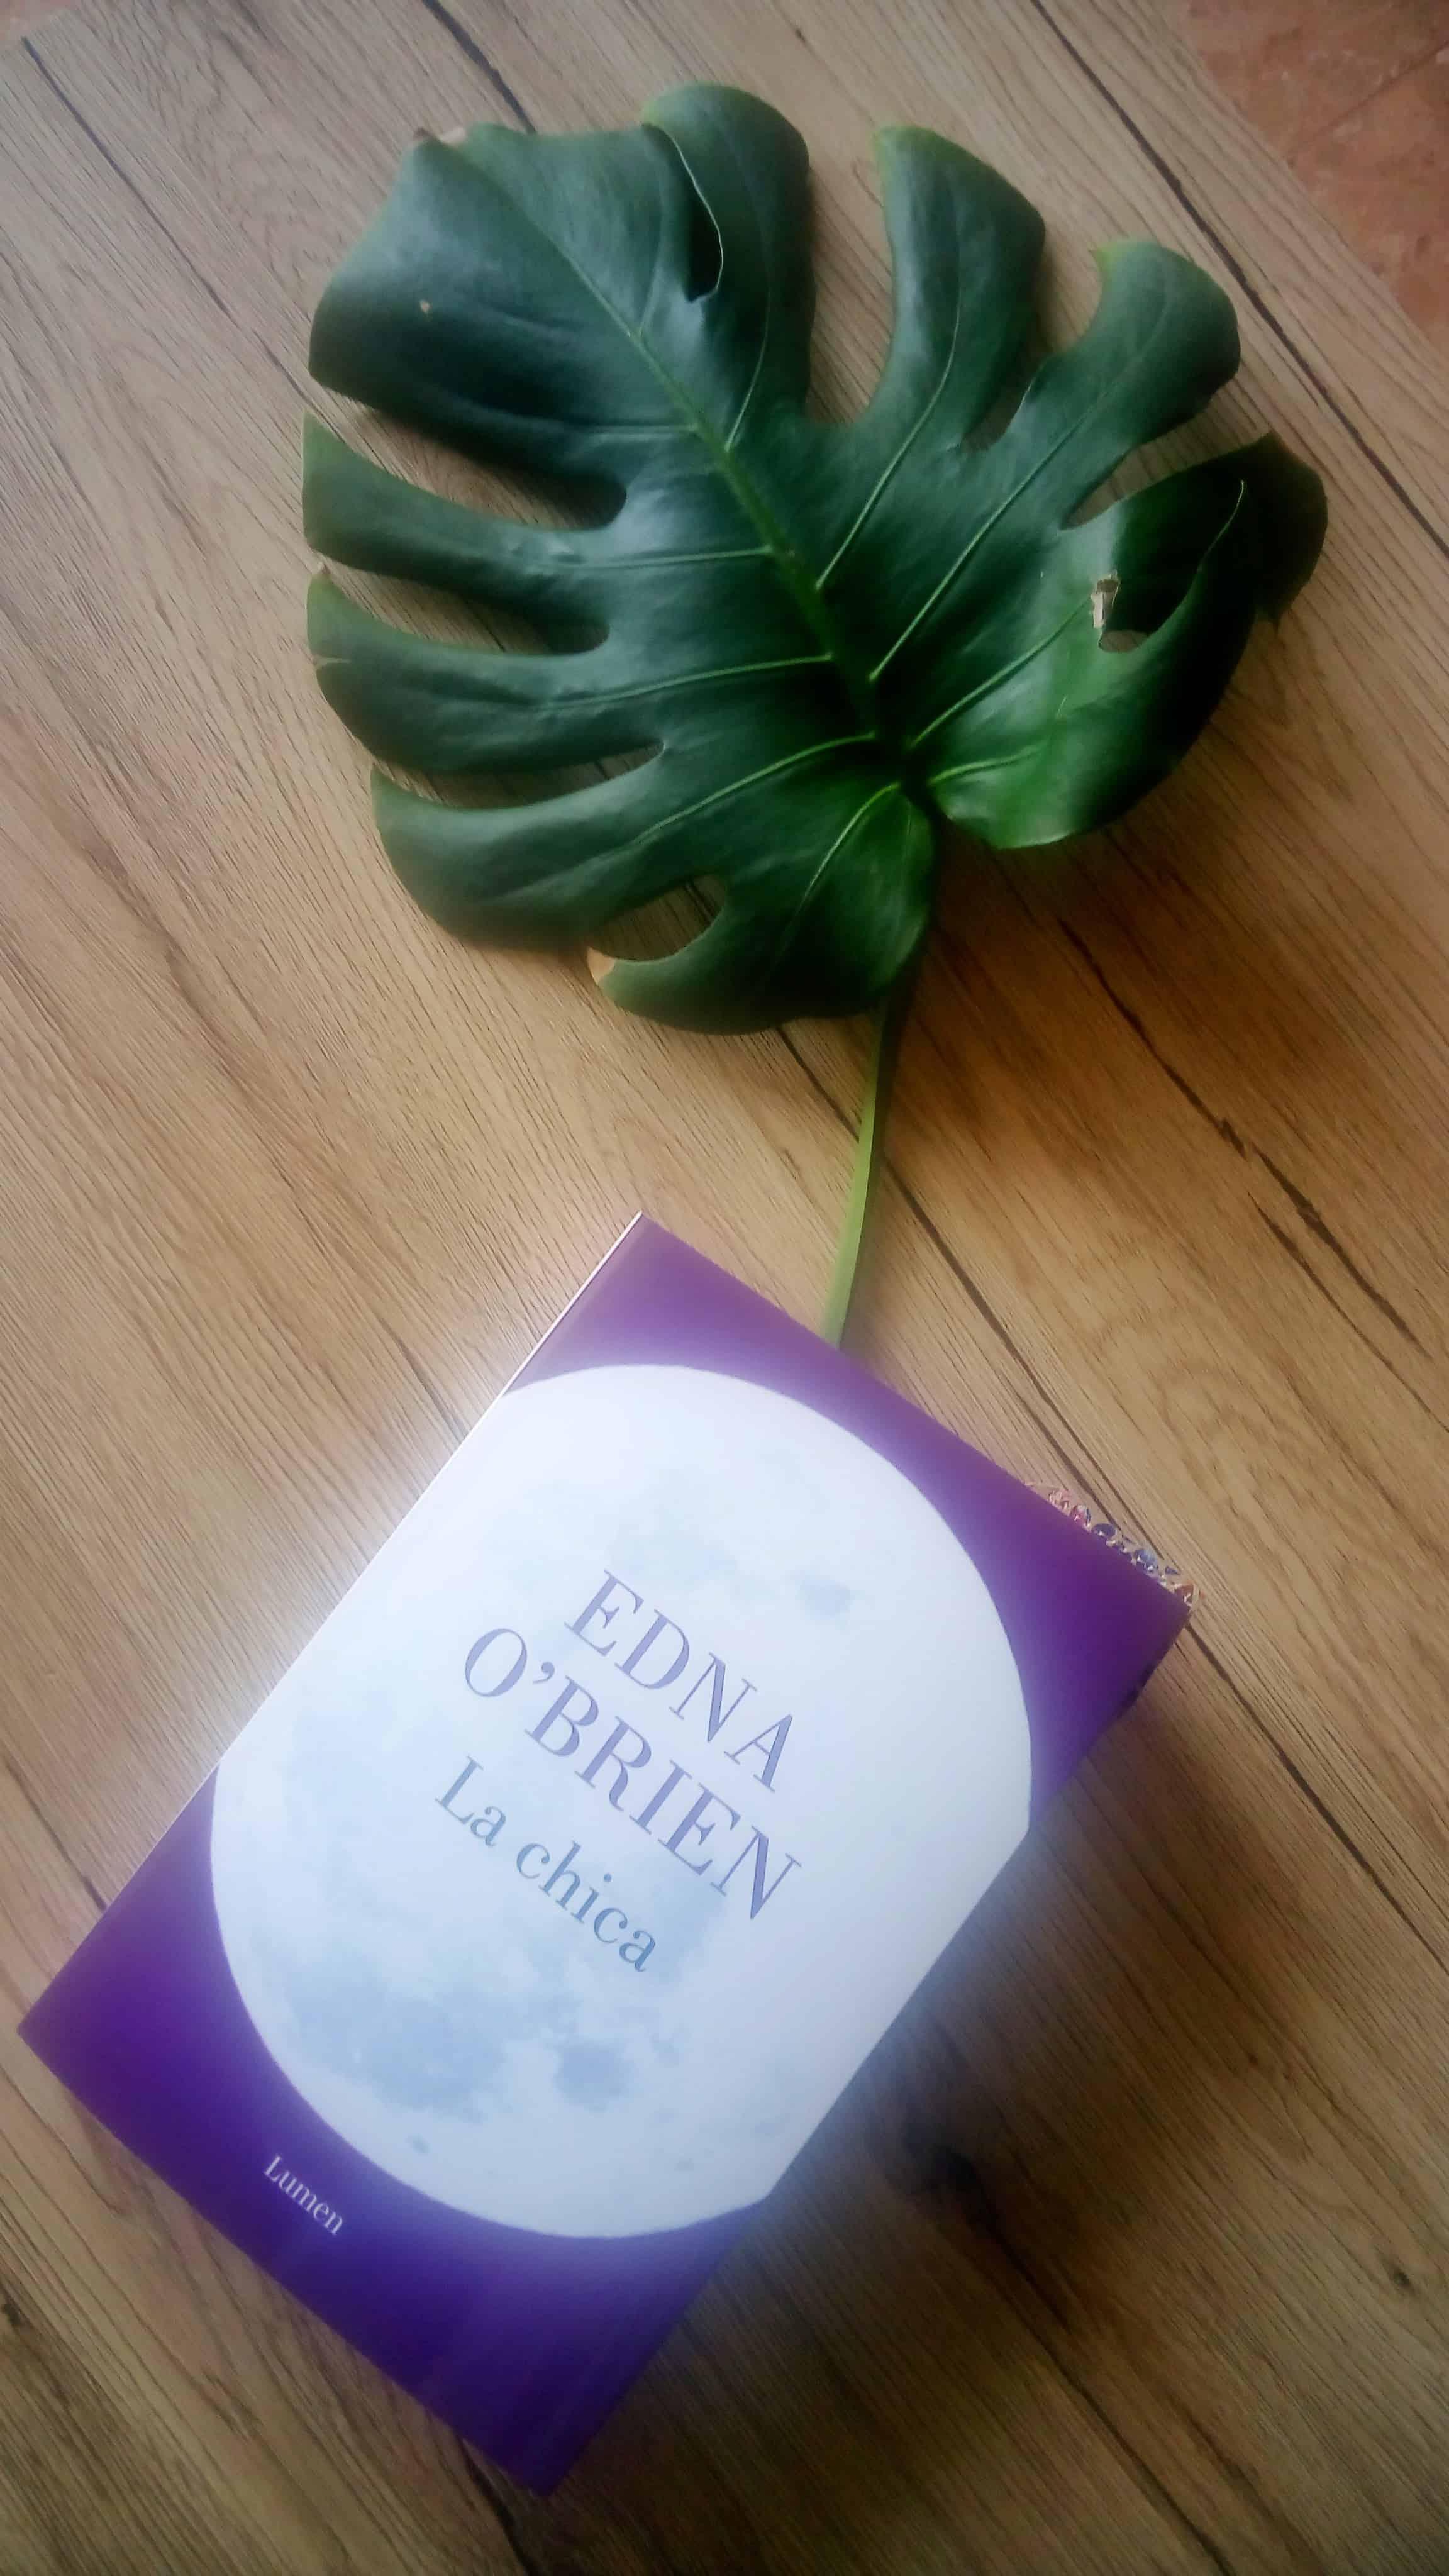 LA CHICA, de Edna O'Brien.